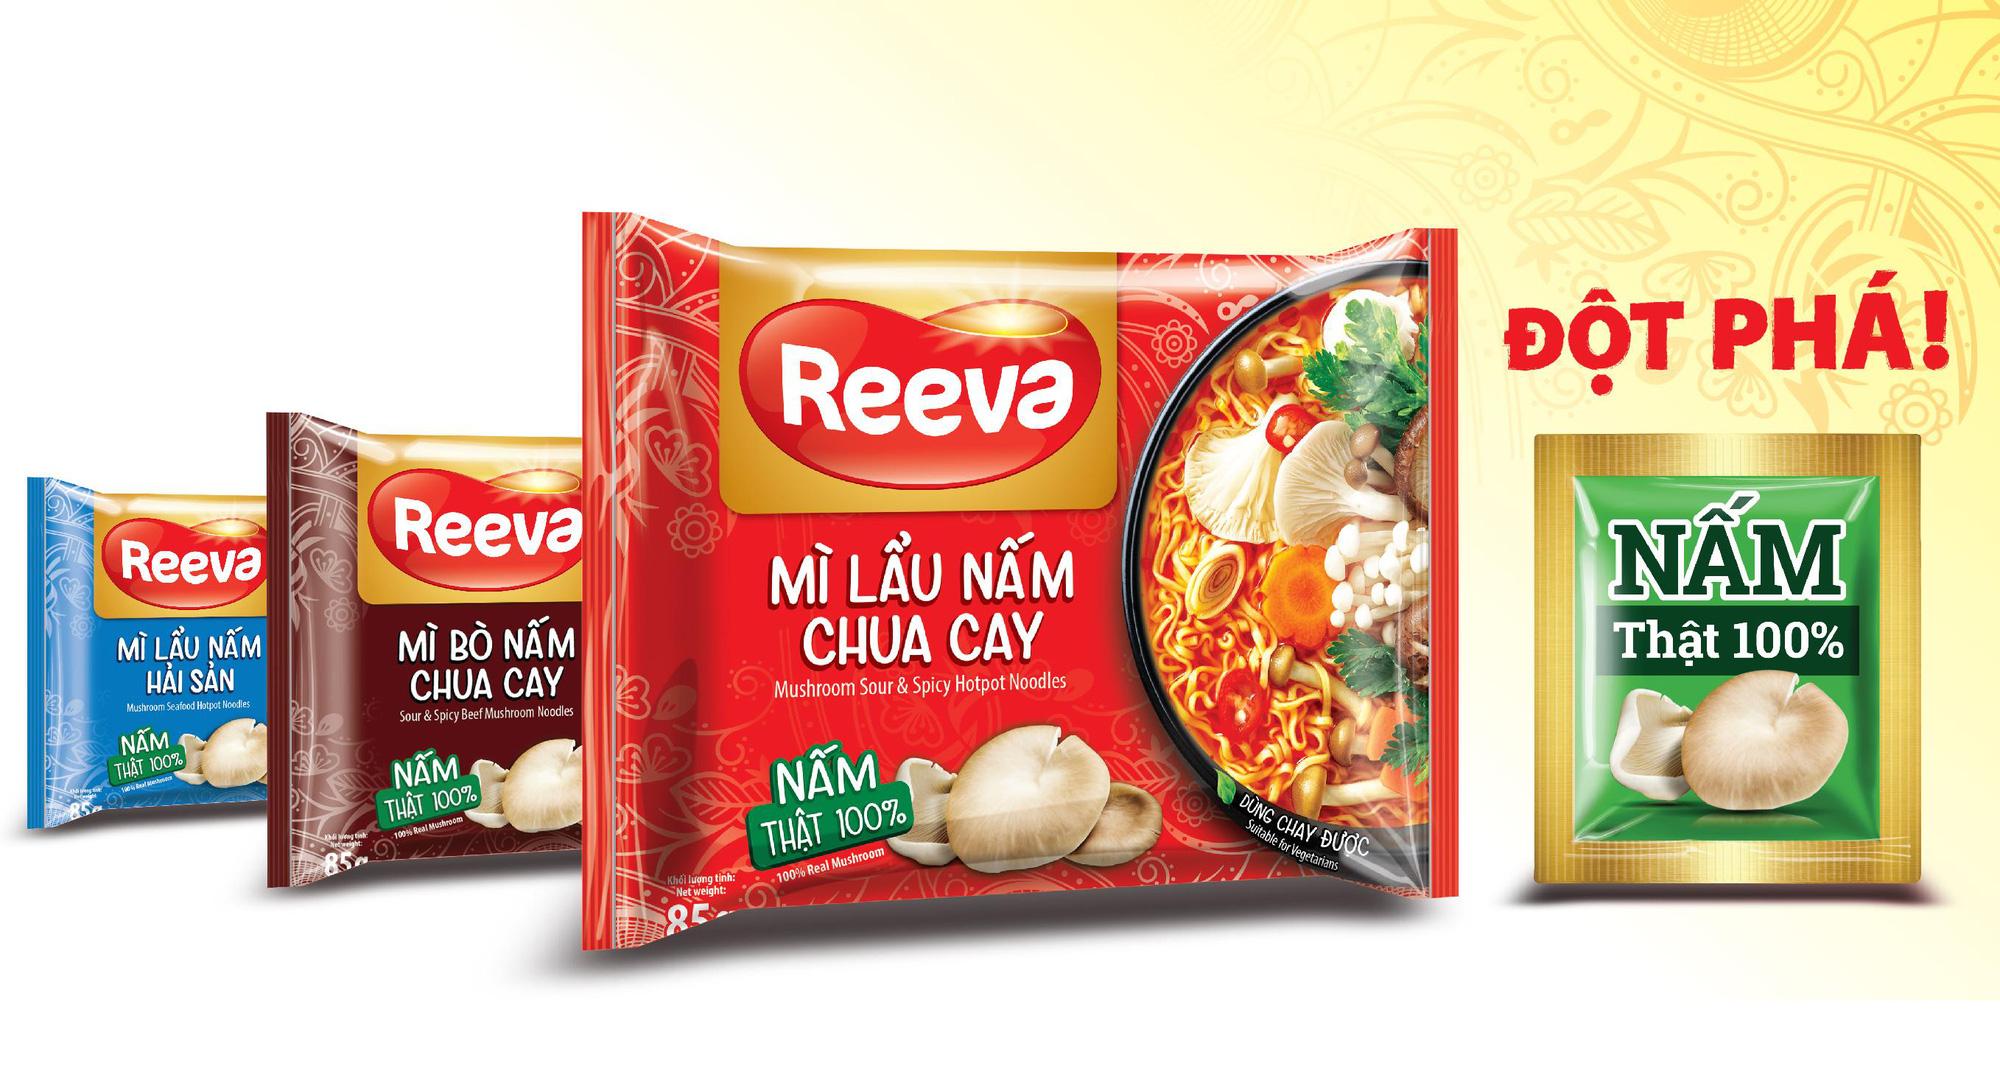 Mì Reeva - lựa chọn món ngon cho cả nhà với nấm bào ngư tươi - Ảnh 2.